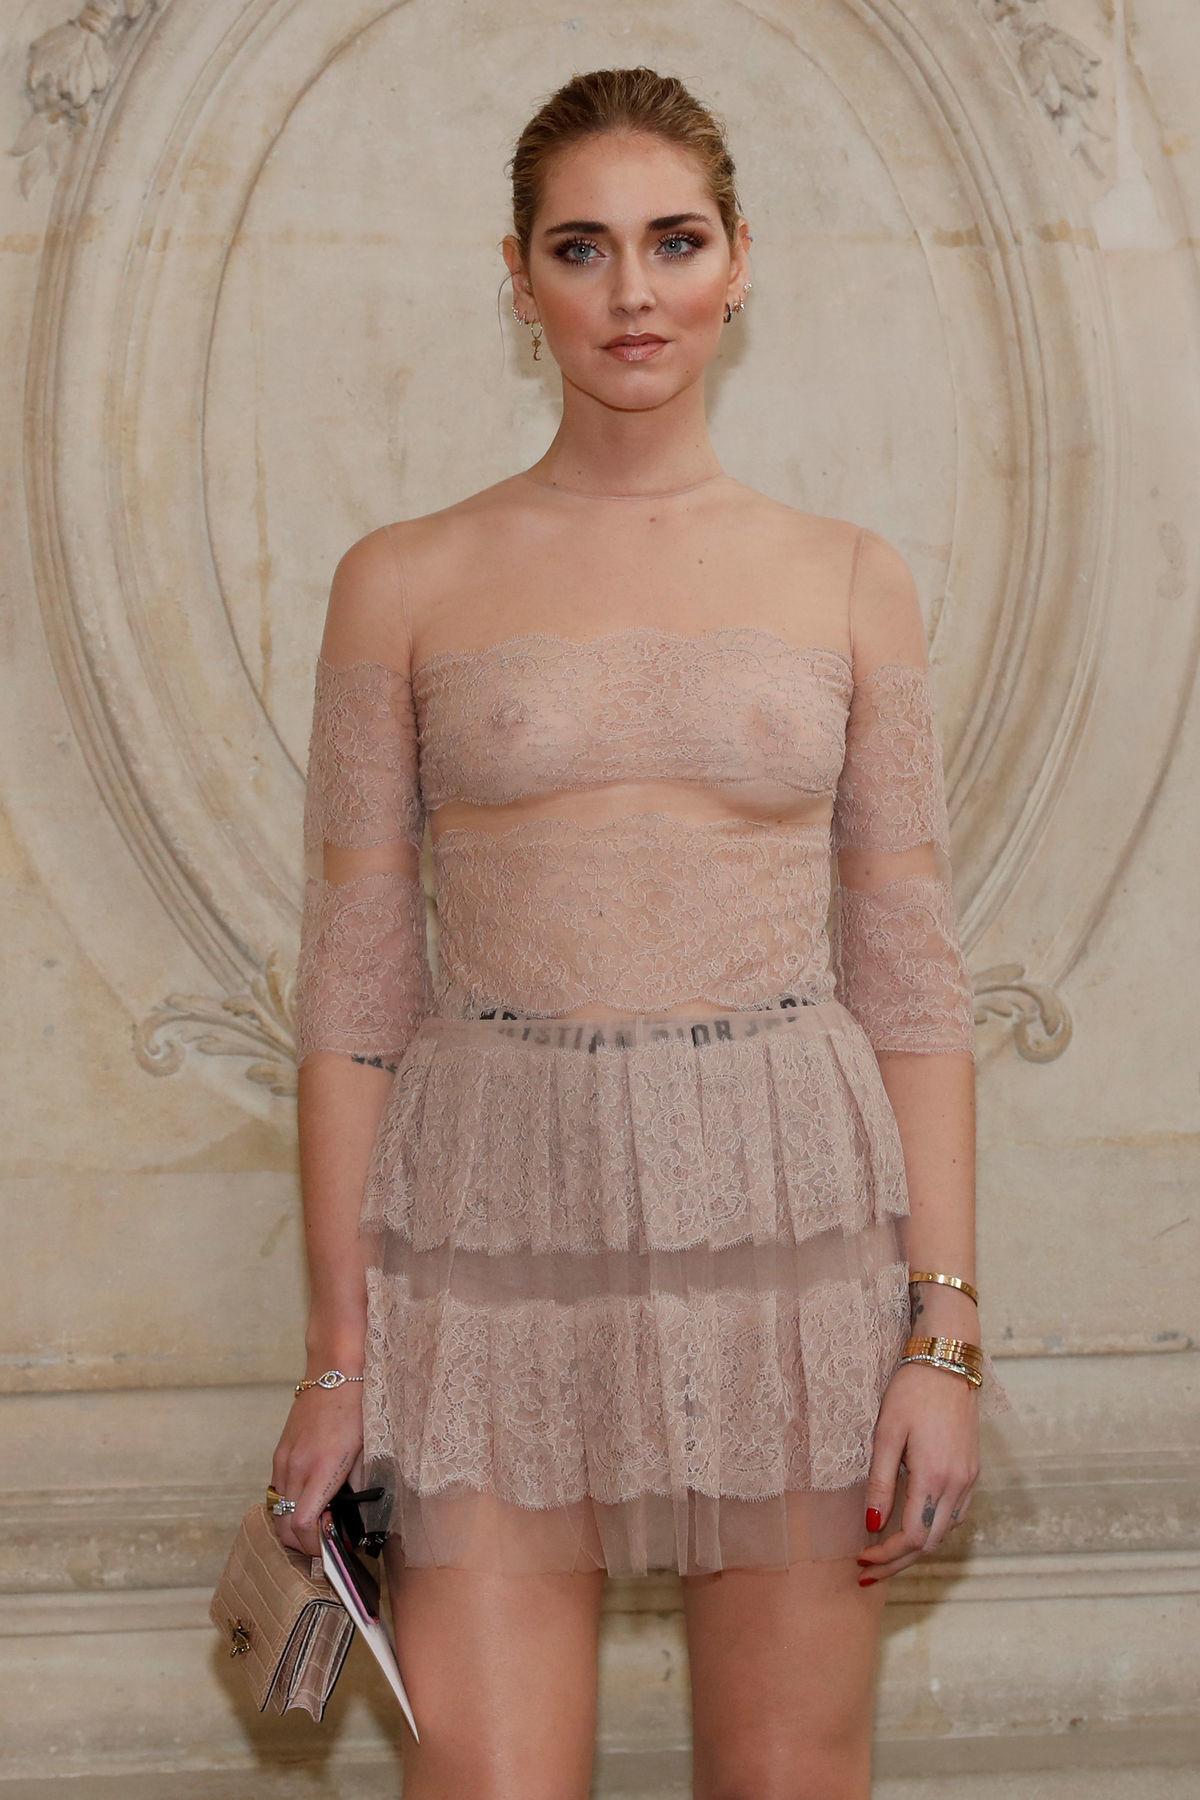 Blogerka a dizajnérka Chiara Ferragni v odhaľujúcom outfite Dior.